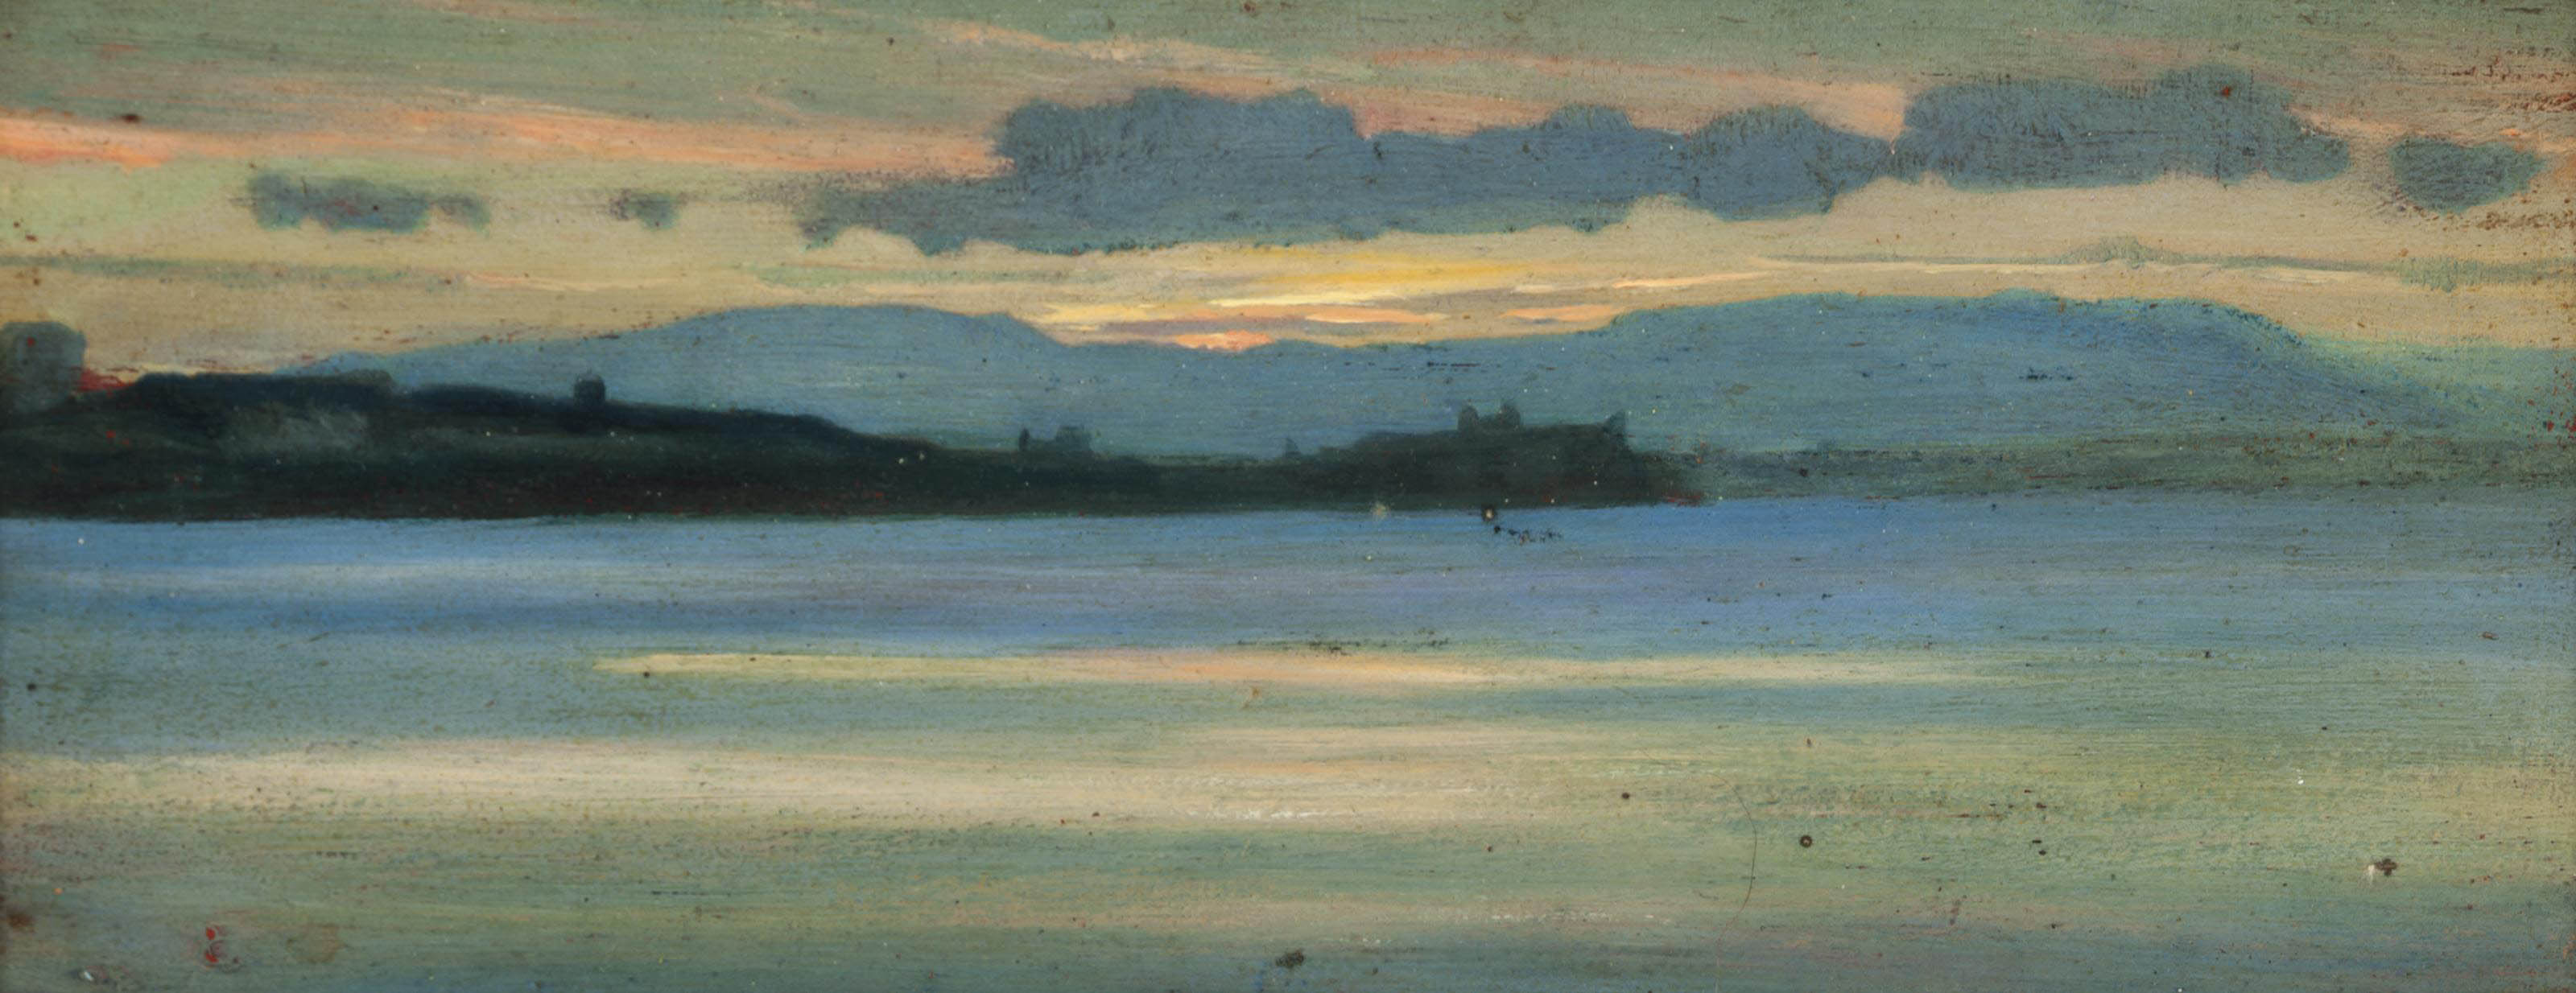 Sunrise at Nettuno